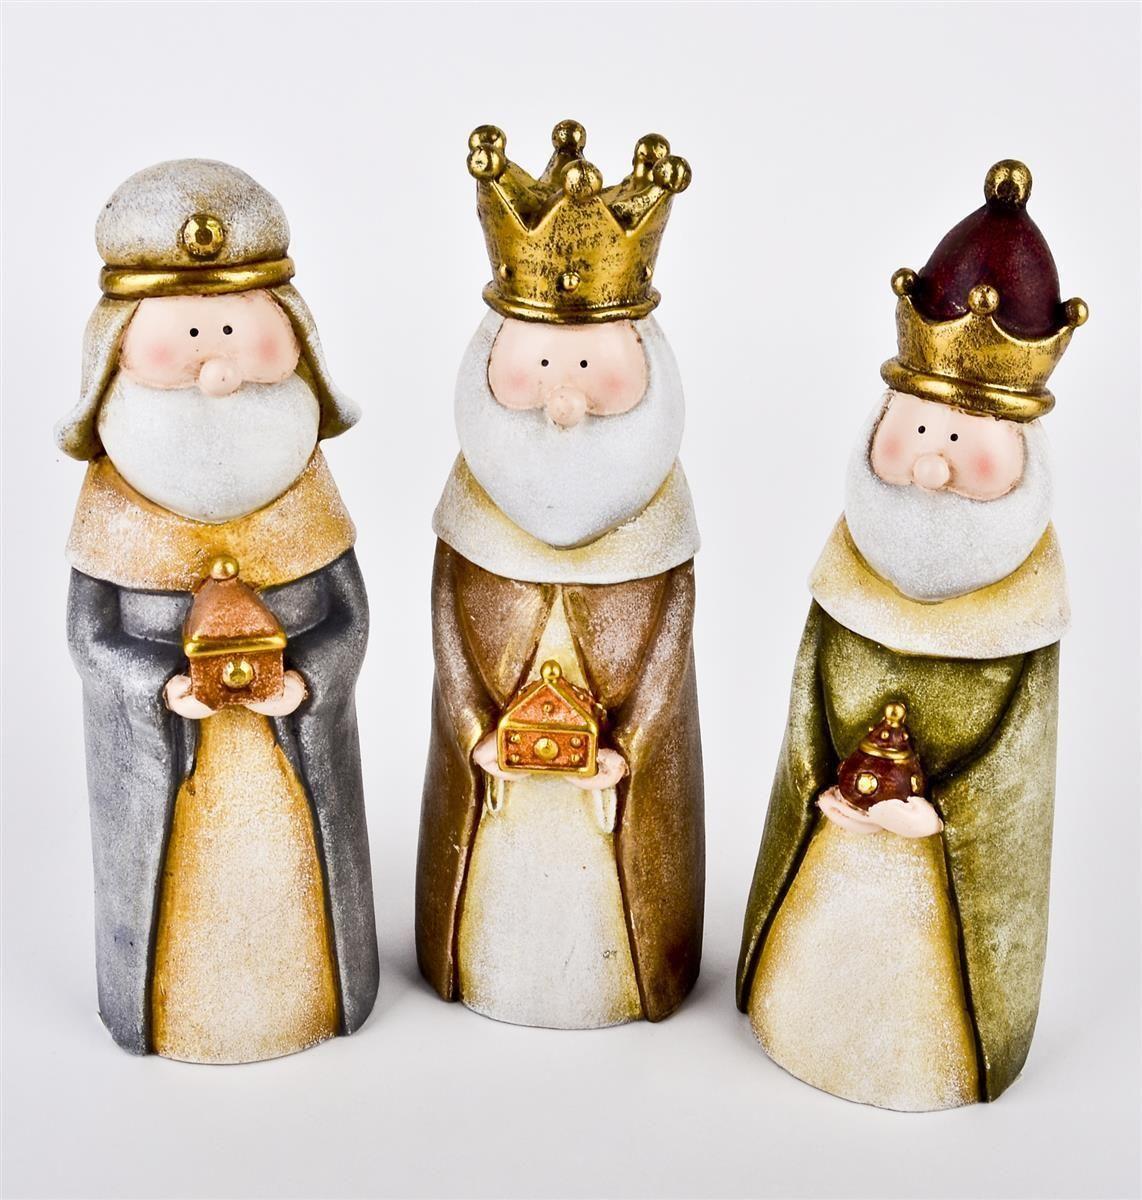 Heilige drei Könige Deko Figuren 3er Set Kunstharz 26x9x9cm bunt in Möbel & Wohnen, Feste & Besondere Anlässe, Jahreszeitliche Dekoration | eBay